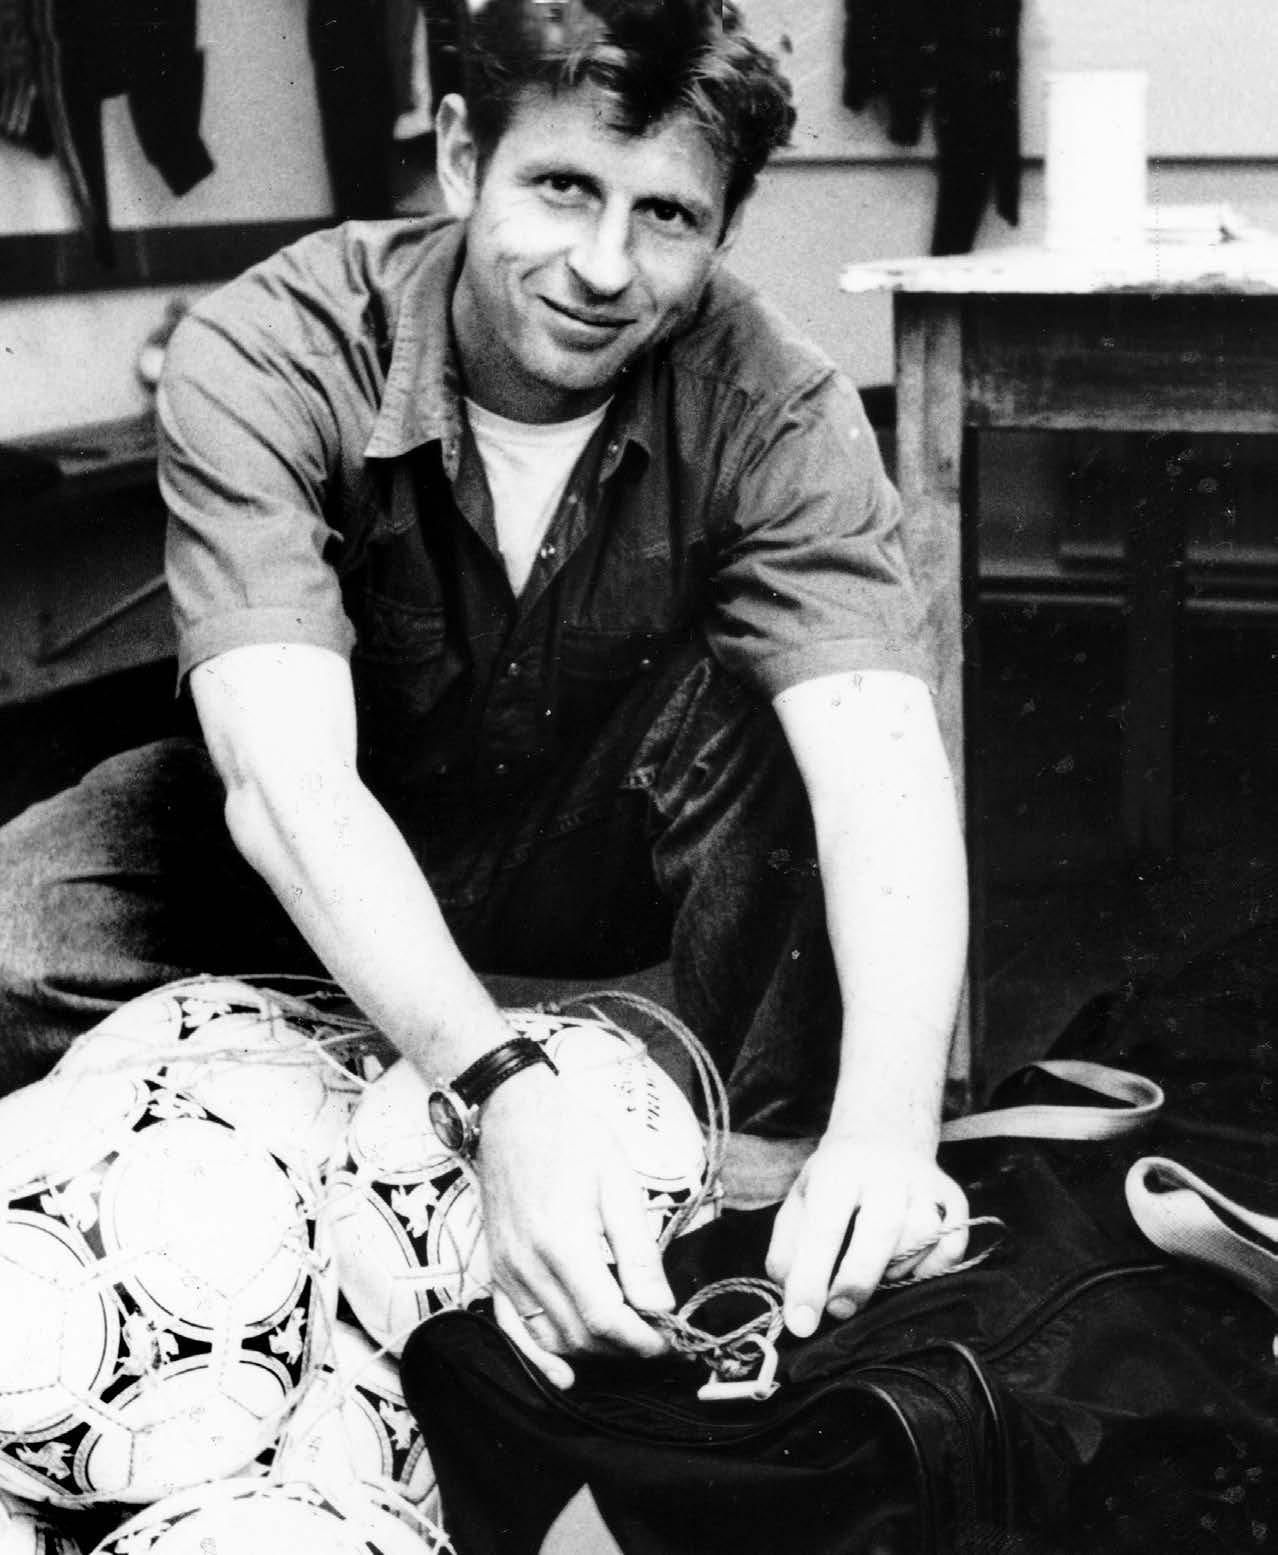 DER AUFSTIEGSTRAINER: 1991 kam Uwe Erkenbrecher zum VfL Wolfsburg, 1992 schaffte er mit dem Team den Aufstieg in die 2. Liga. Seine Vorgänger beim VfL waren Imre Farkaszinski, Wolf-Rüdiger Krause, Horst Hrubesch und Ernst Menzel, seine Nachfolger Eckhard Krautzun, Gerd Roggensack und Willi Reimann.